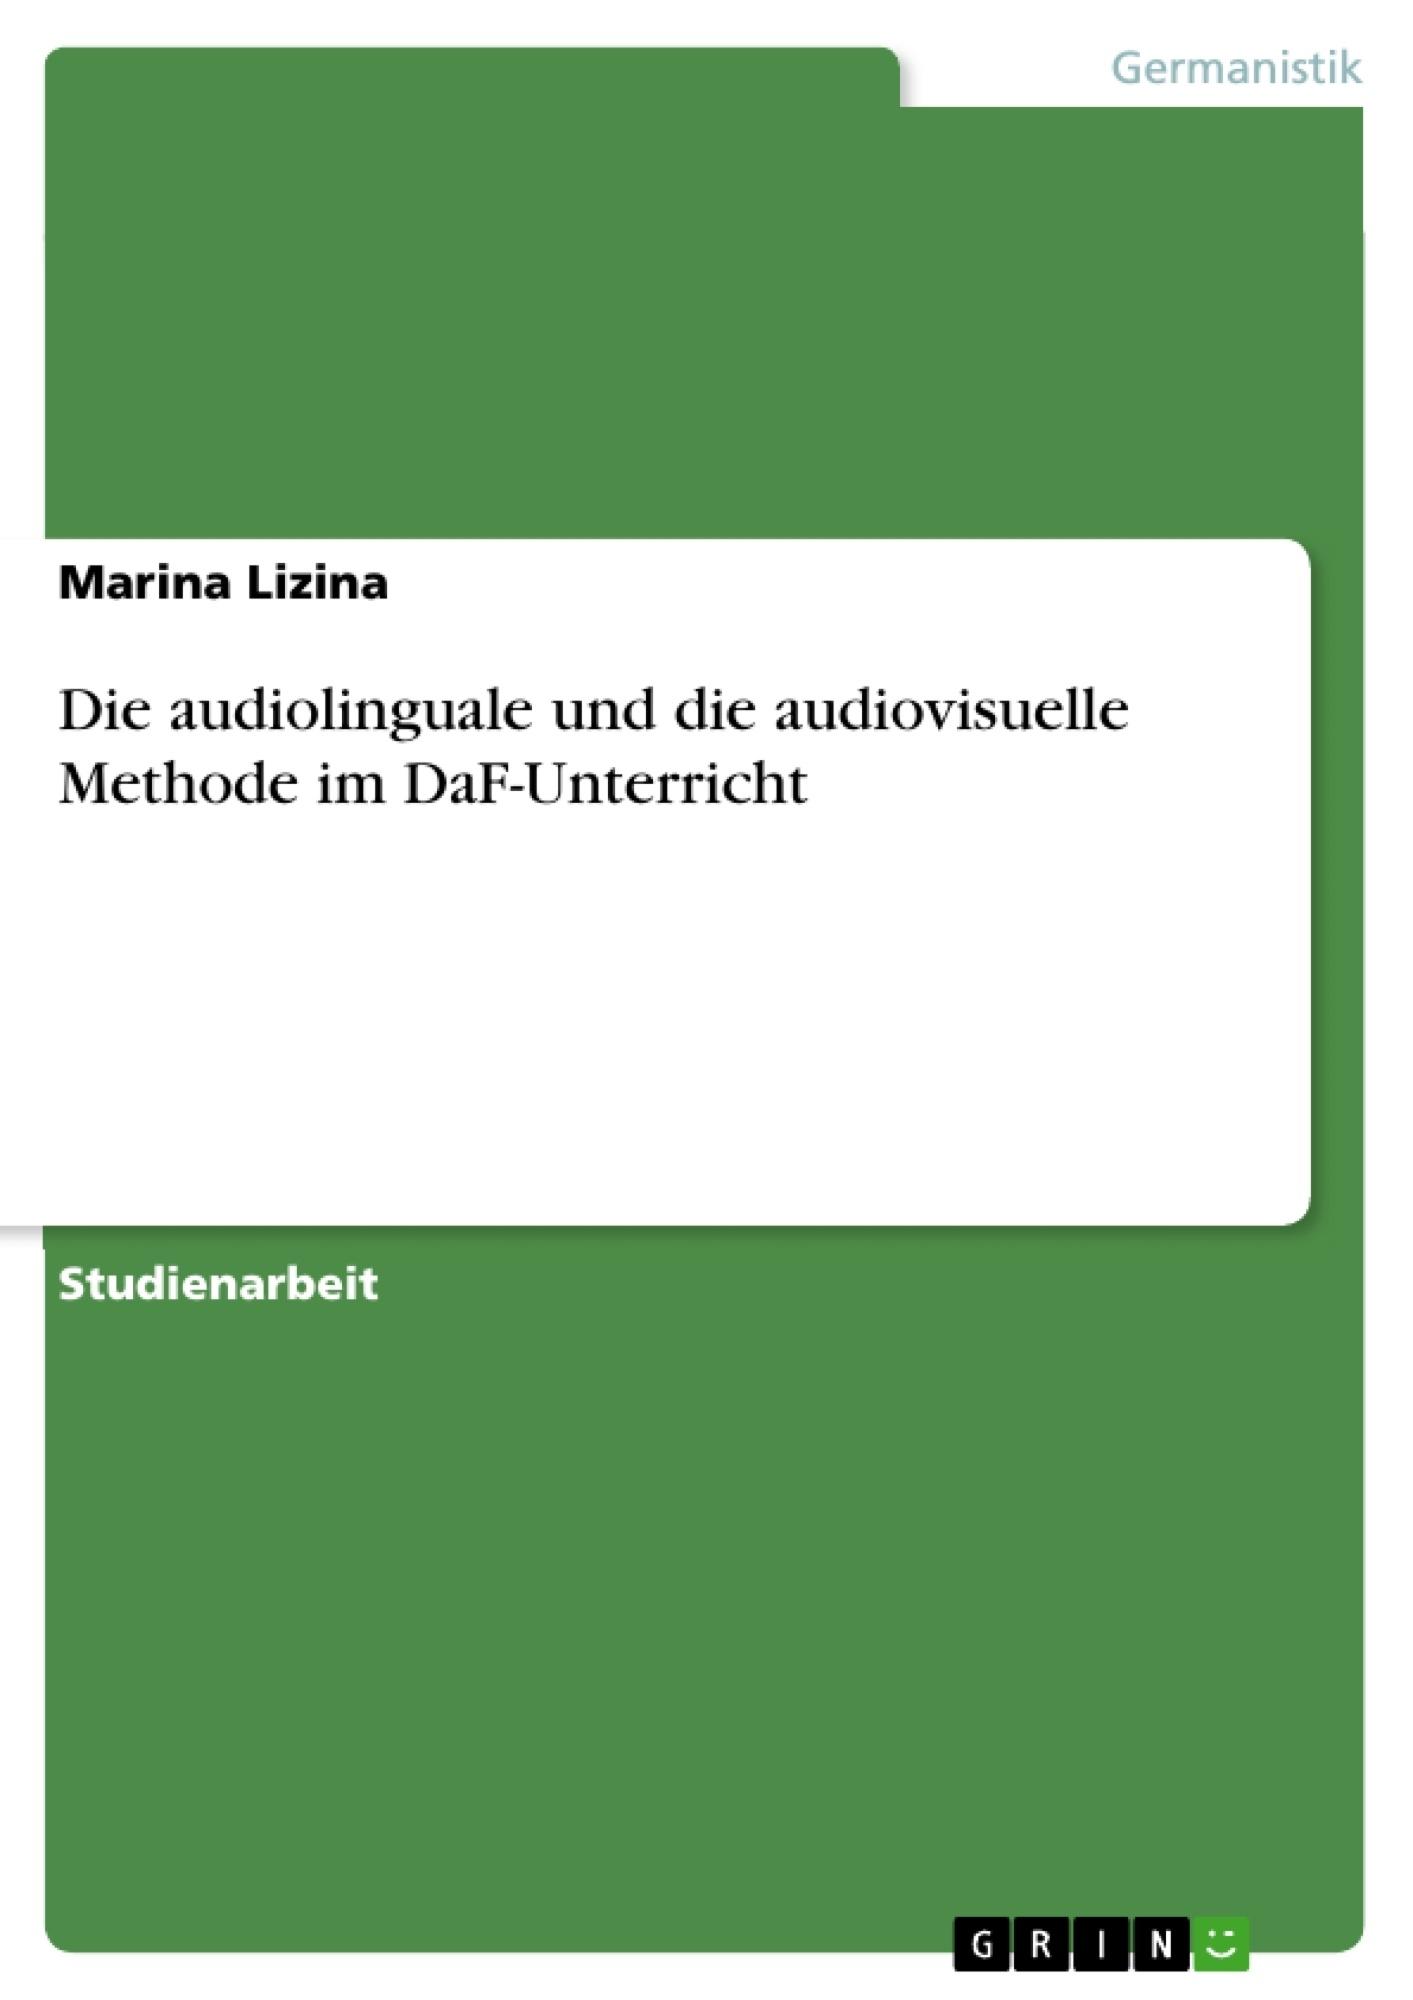 Titel: Die audiolinguale und die audiovisuelle Methode im DaF-Unterricht